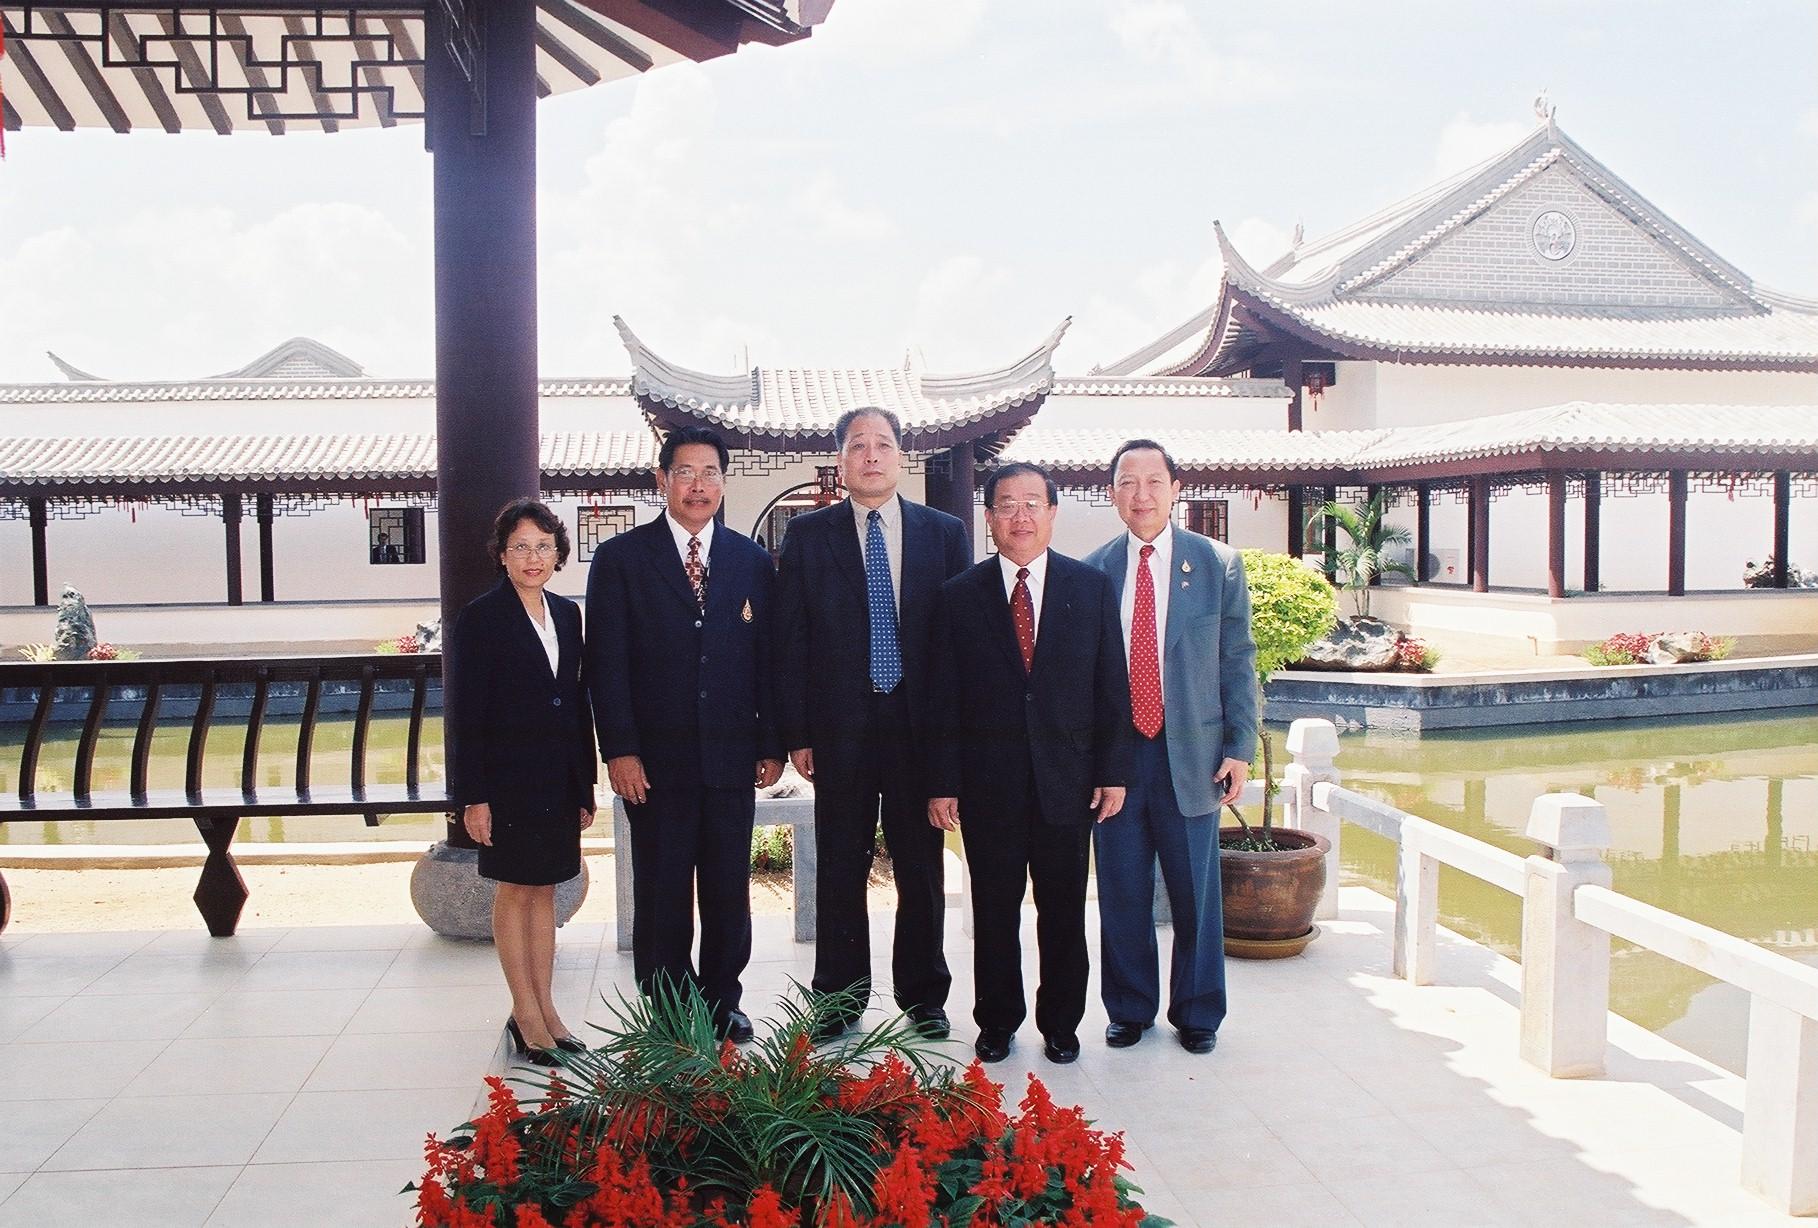 ฯพณฯ จาง ป่าว ชิง (Mr. Zhang Bao Qing)